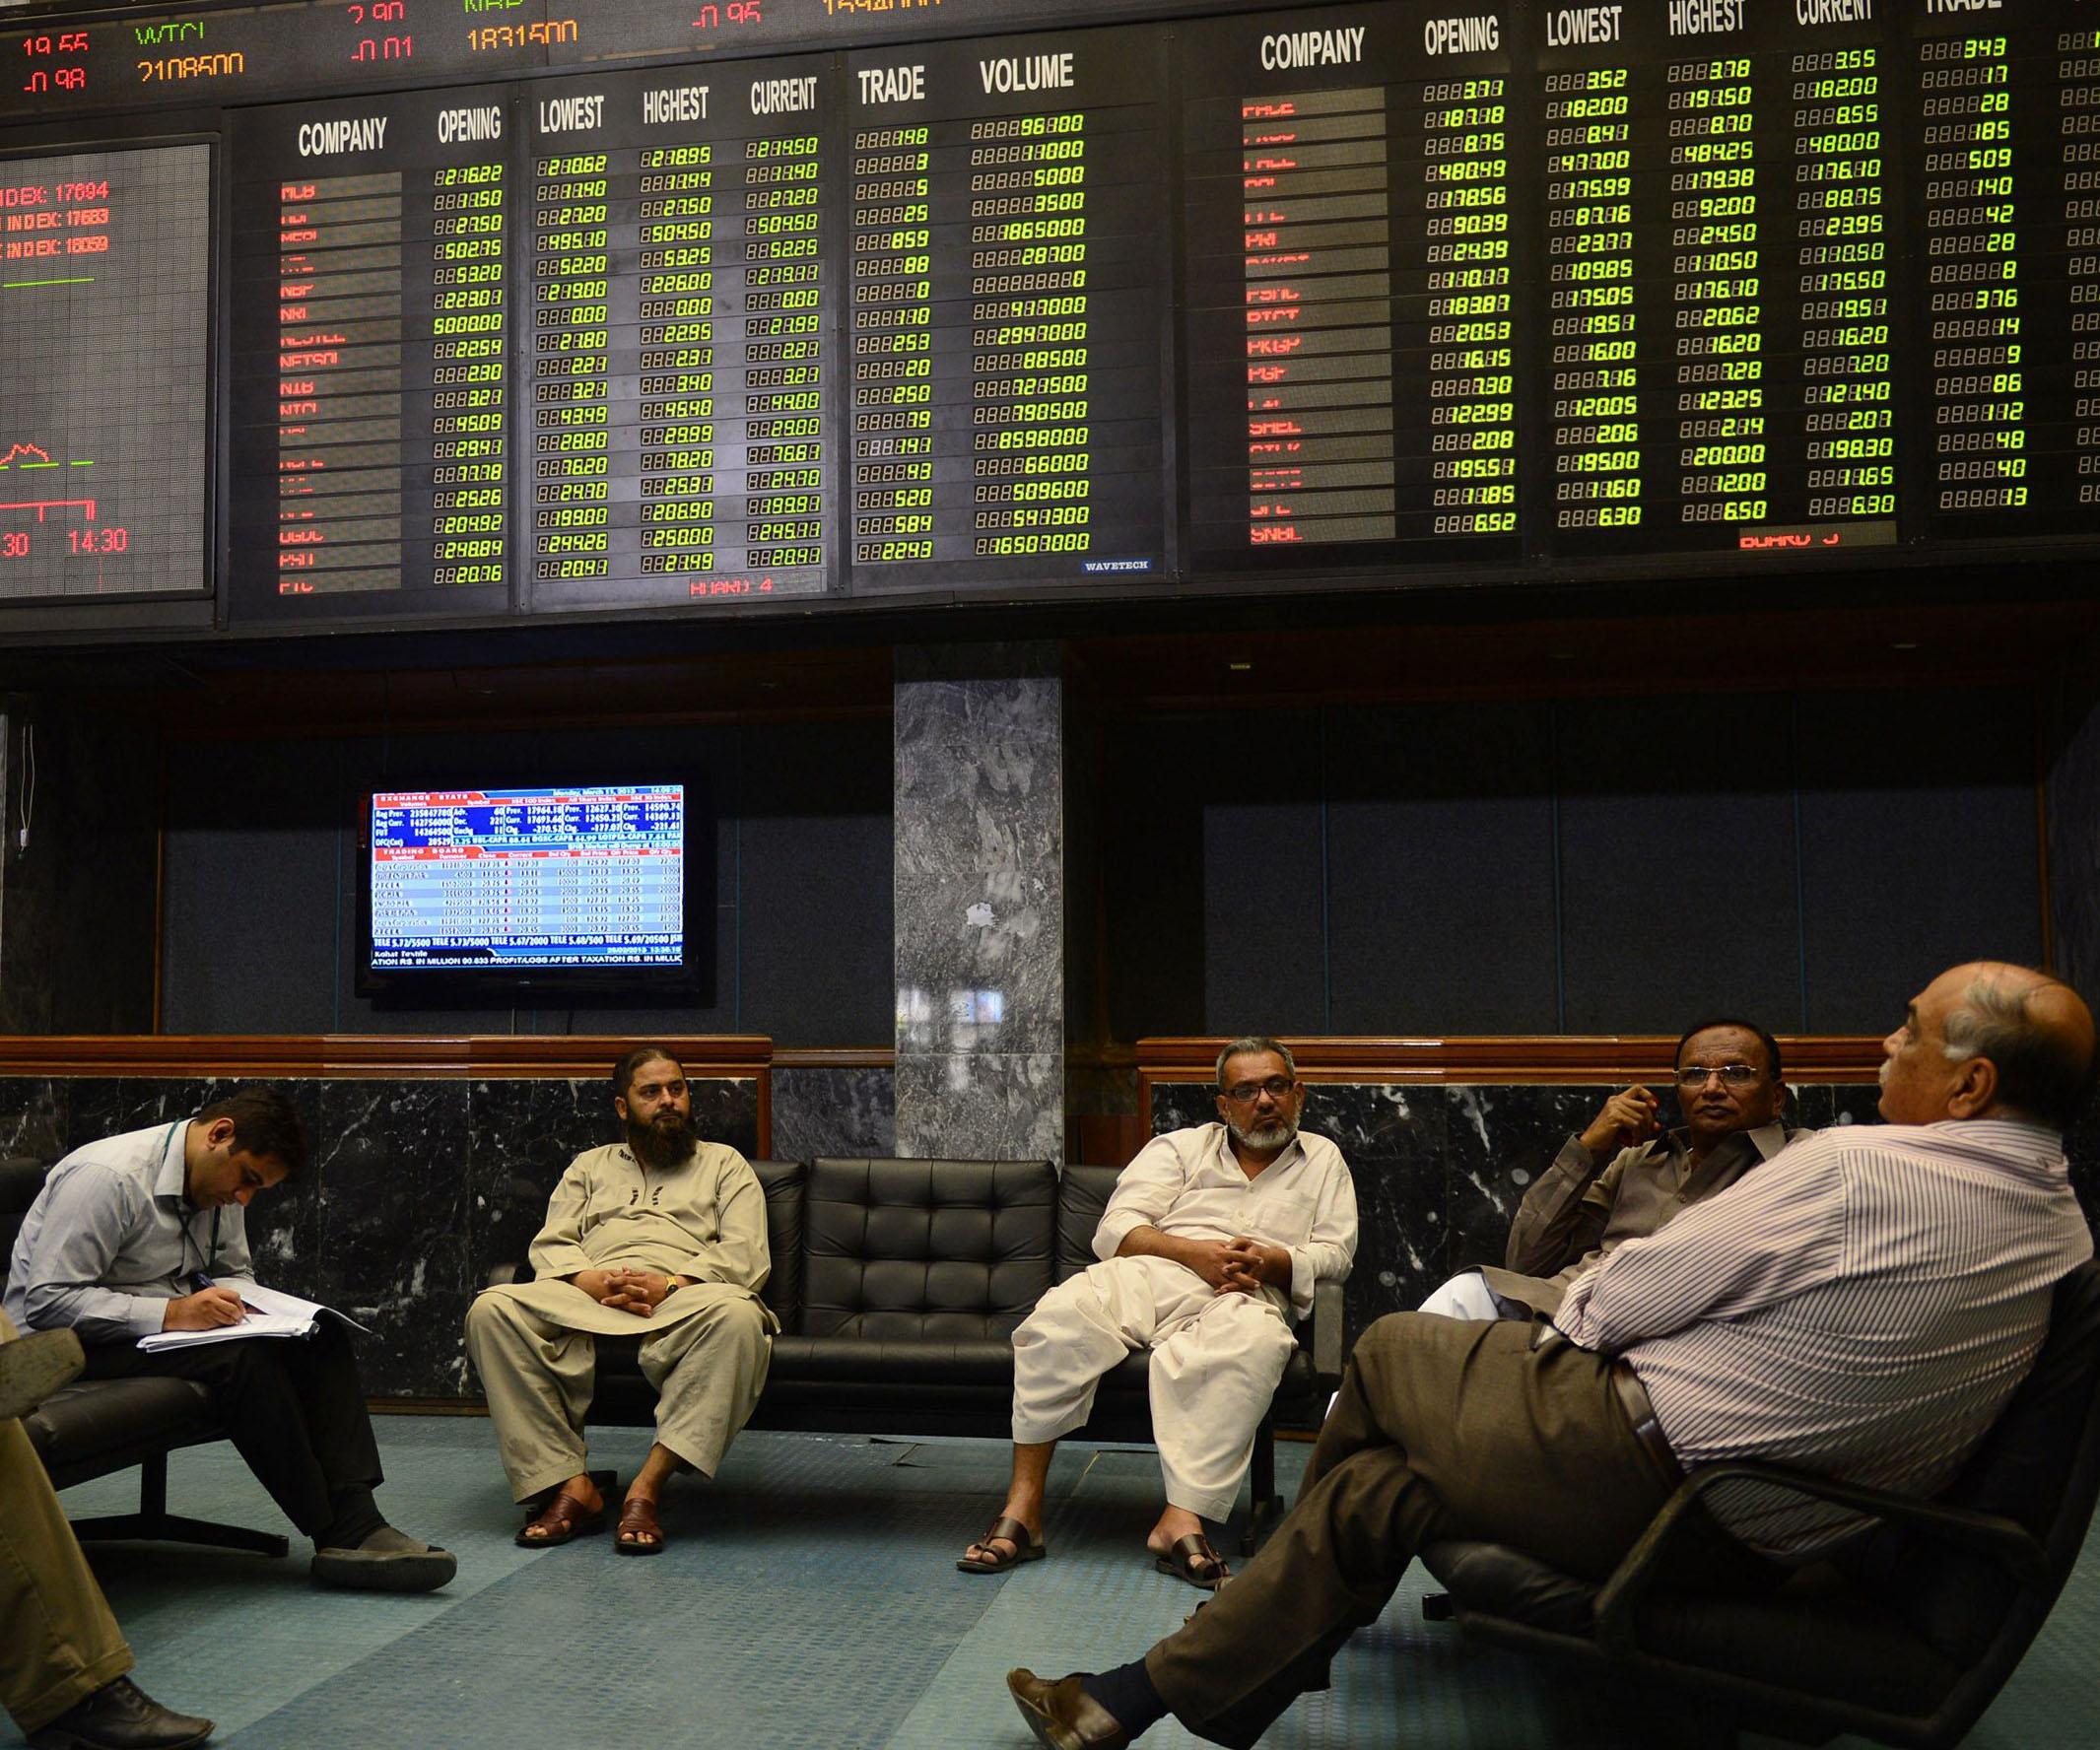 pakistan stock exchange lounge photo afp